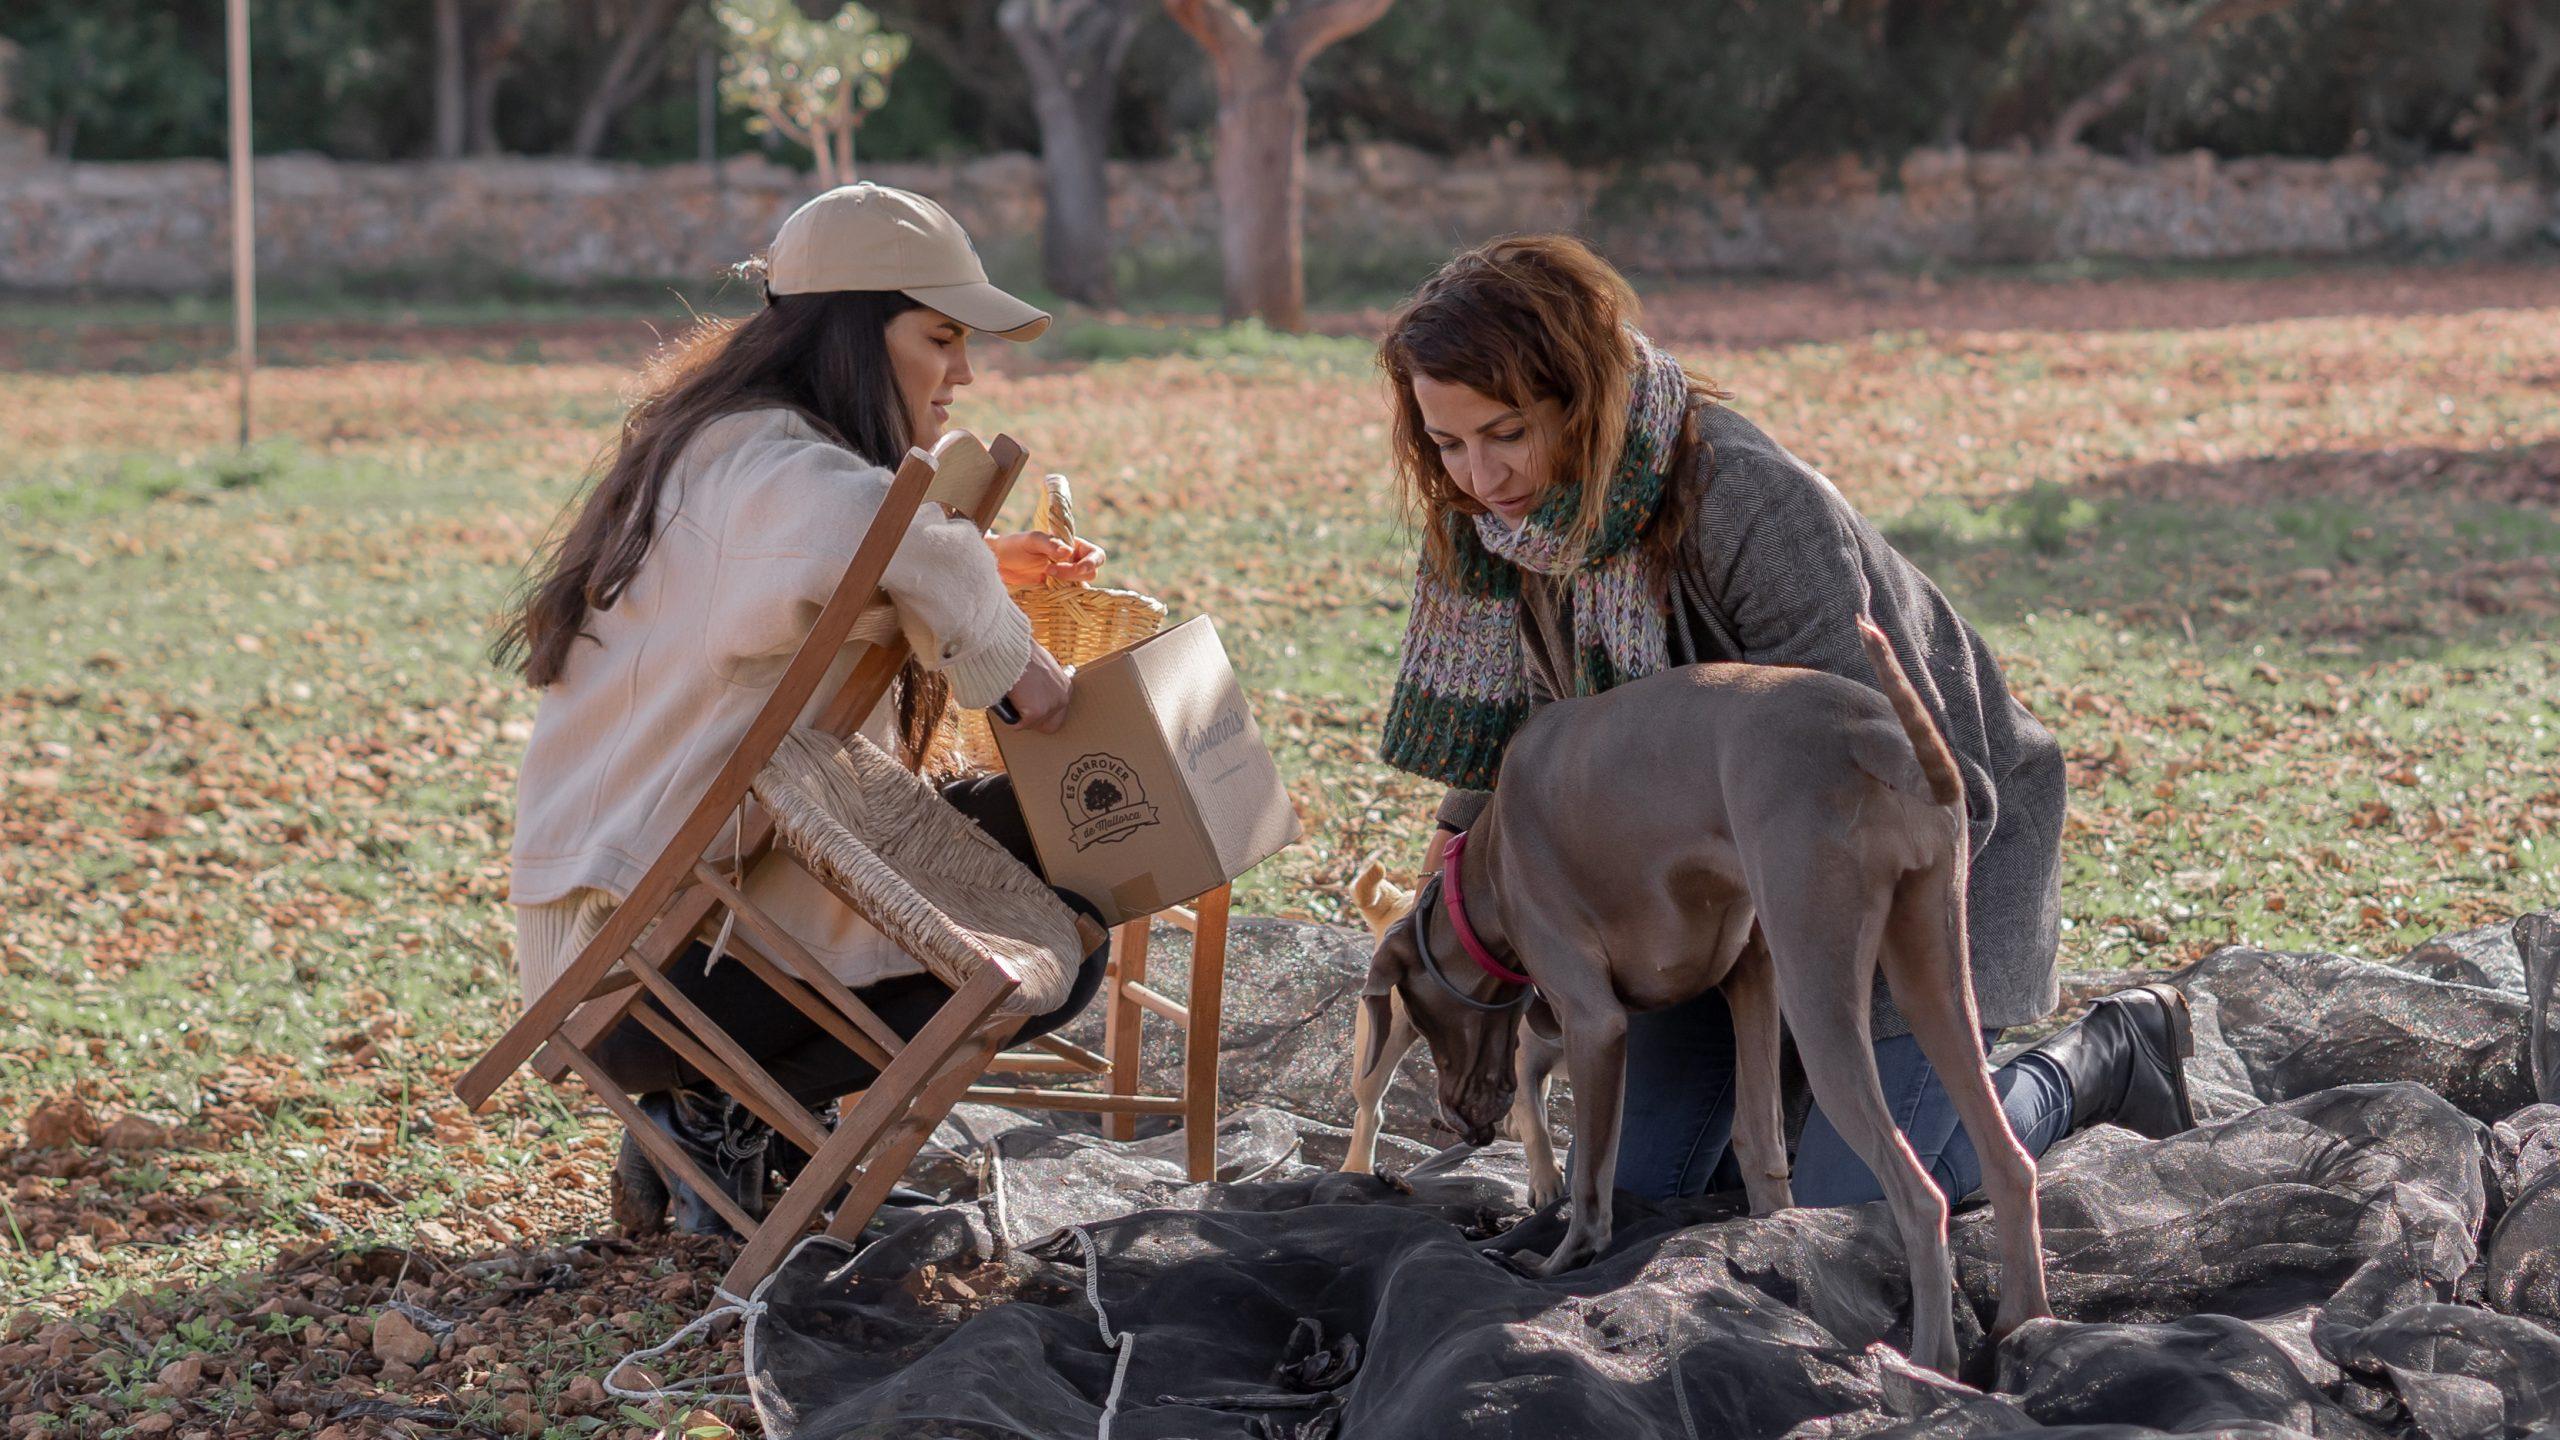 la doctora fango y la creadora de es garrover de Mallorca, recogiendo algarrobas en el campo mallorquín.